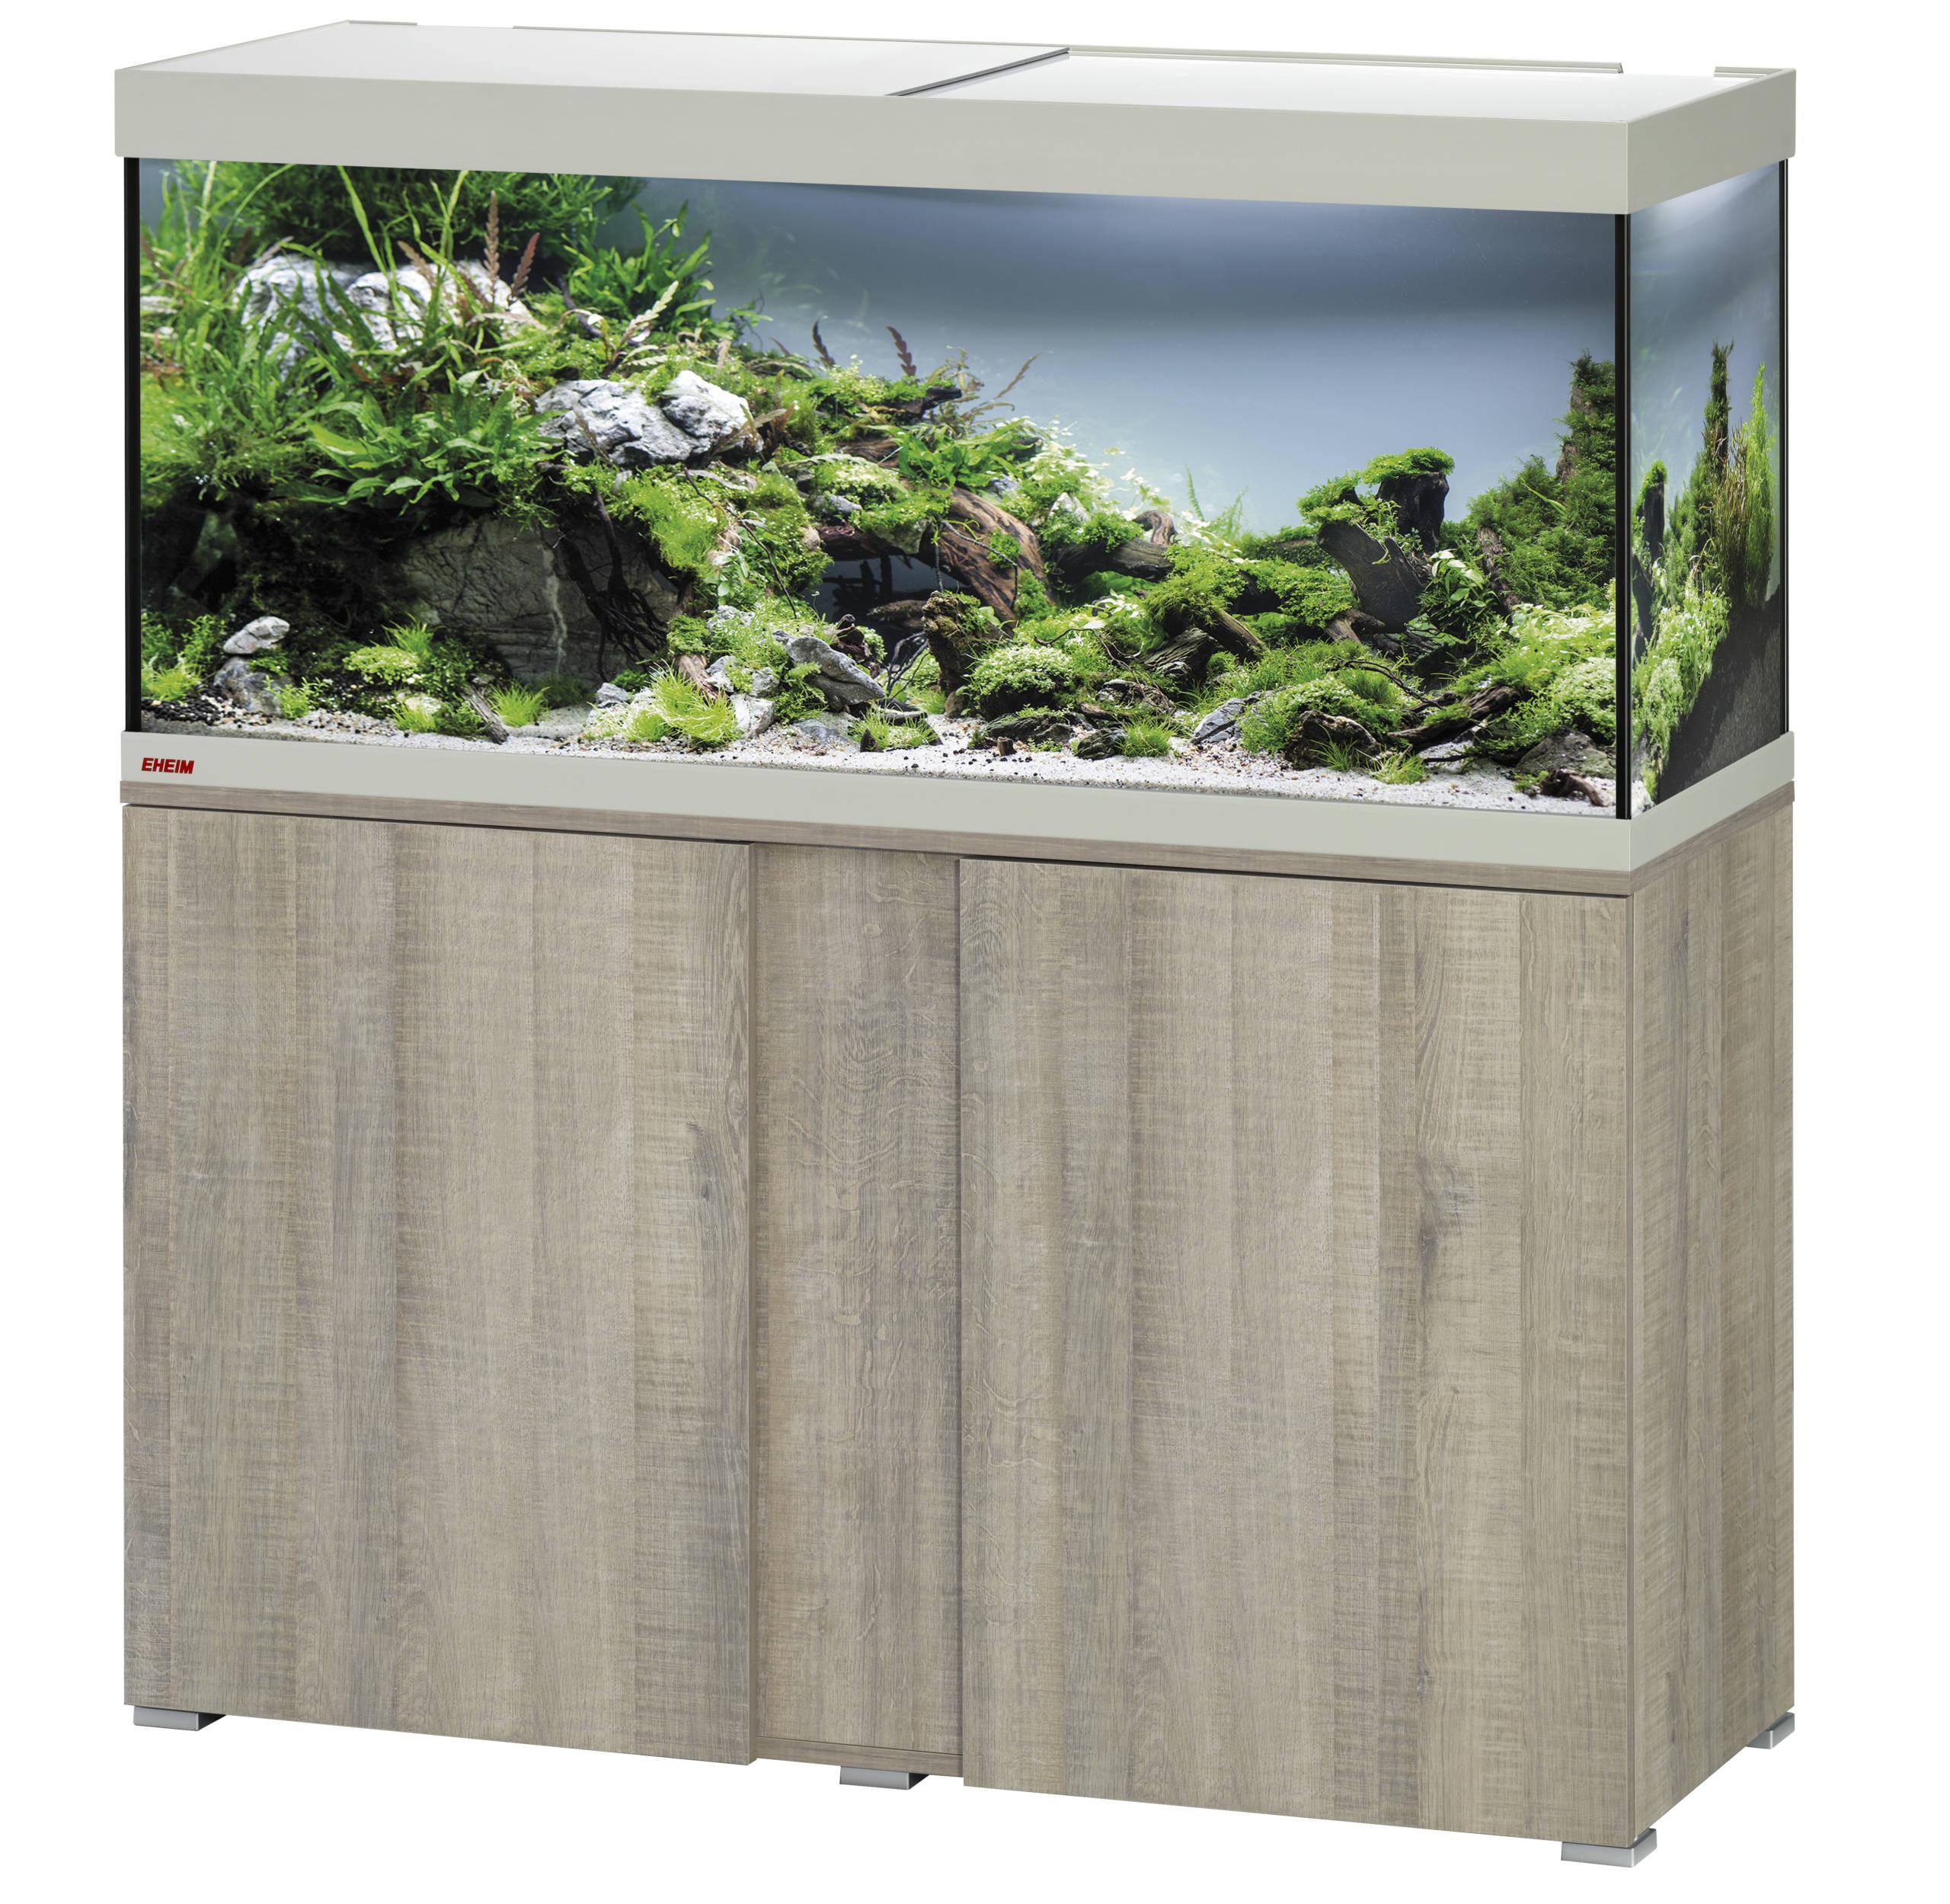 EHEIM vivaline Aquarium | Galerie Wasserwelten